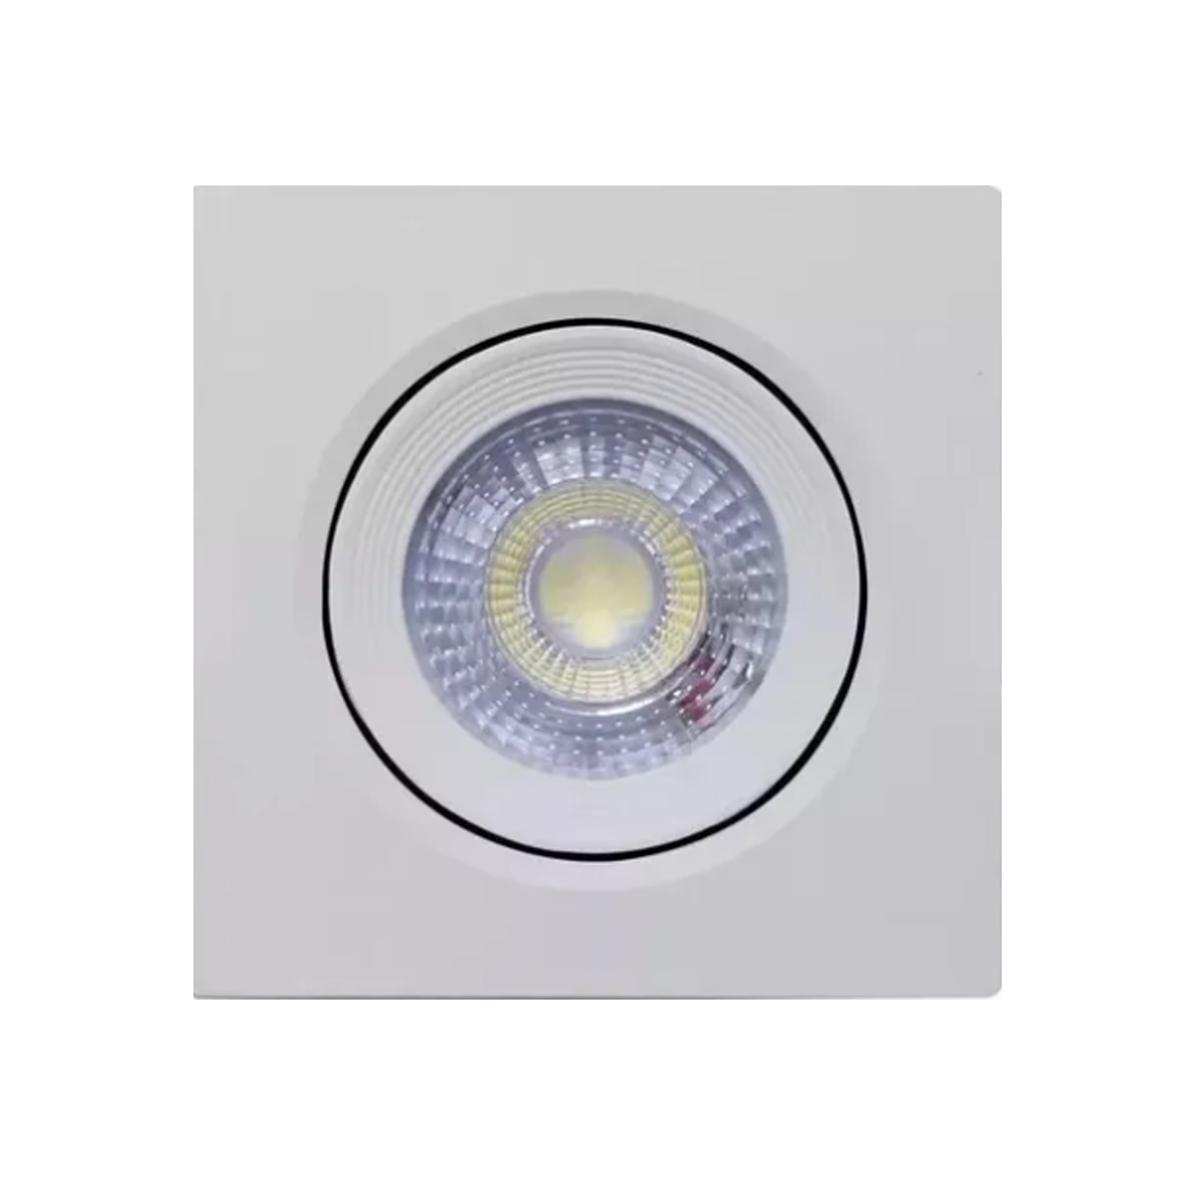 Spot LED 9w Quadrado / Branco Quente